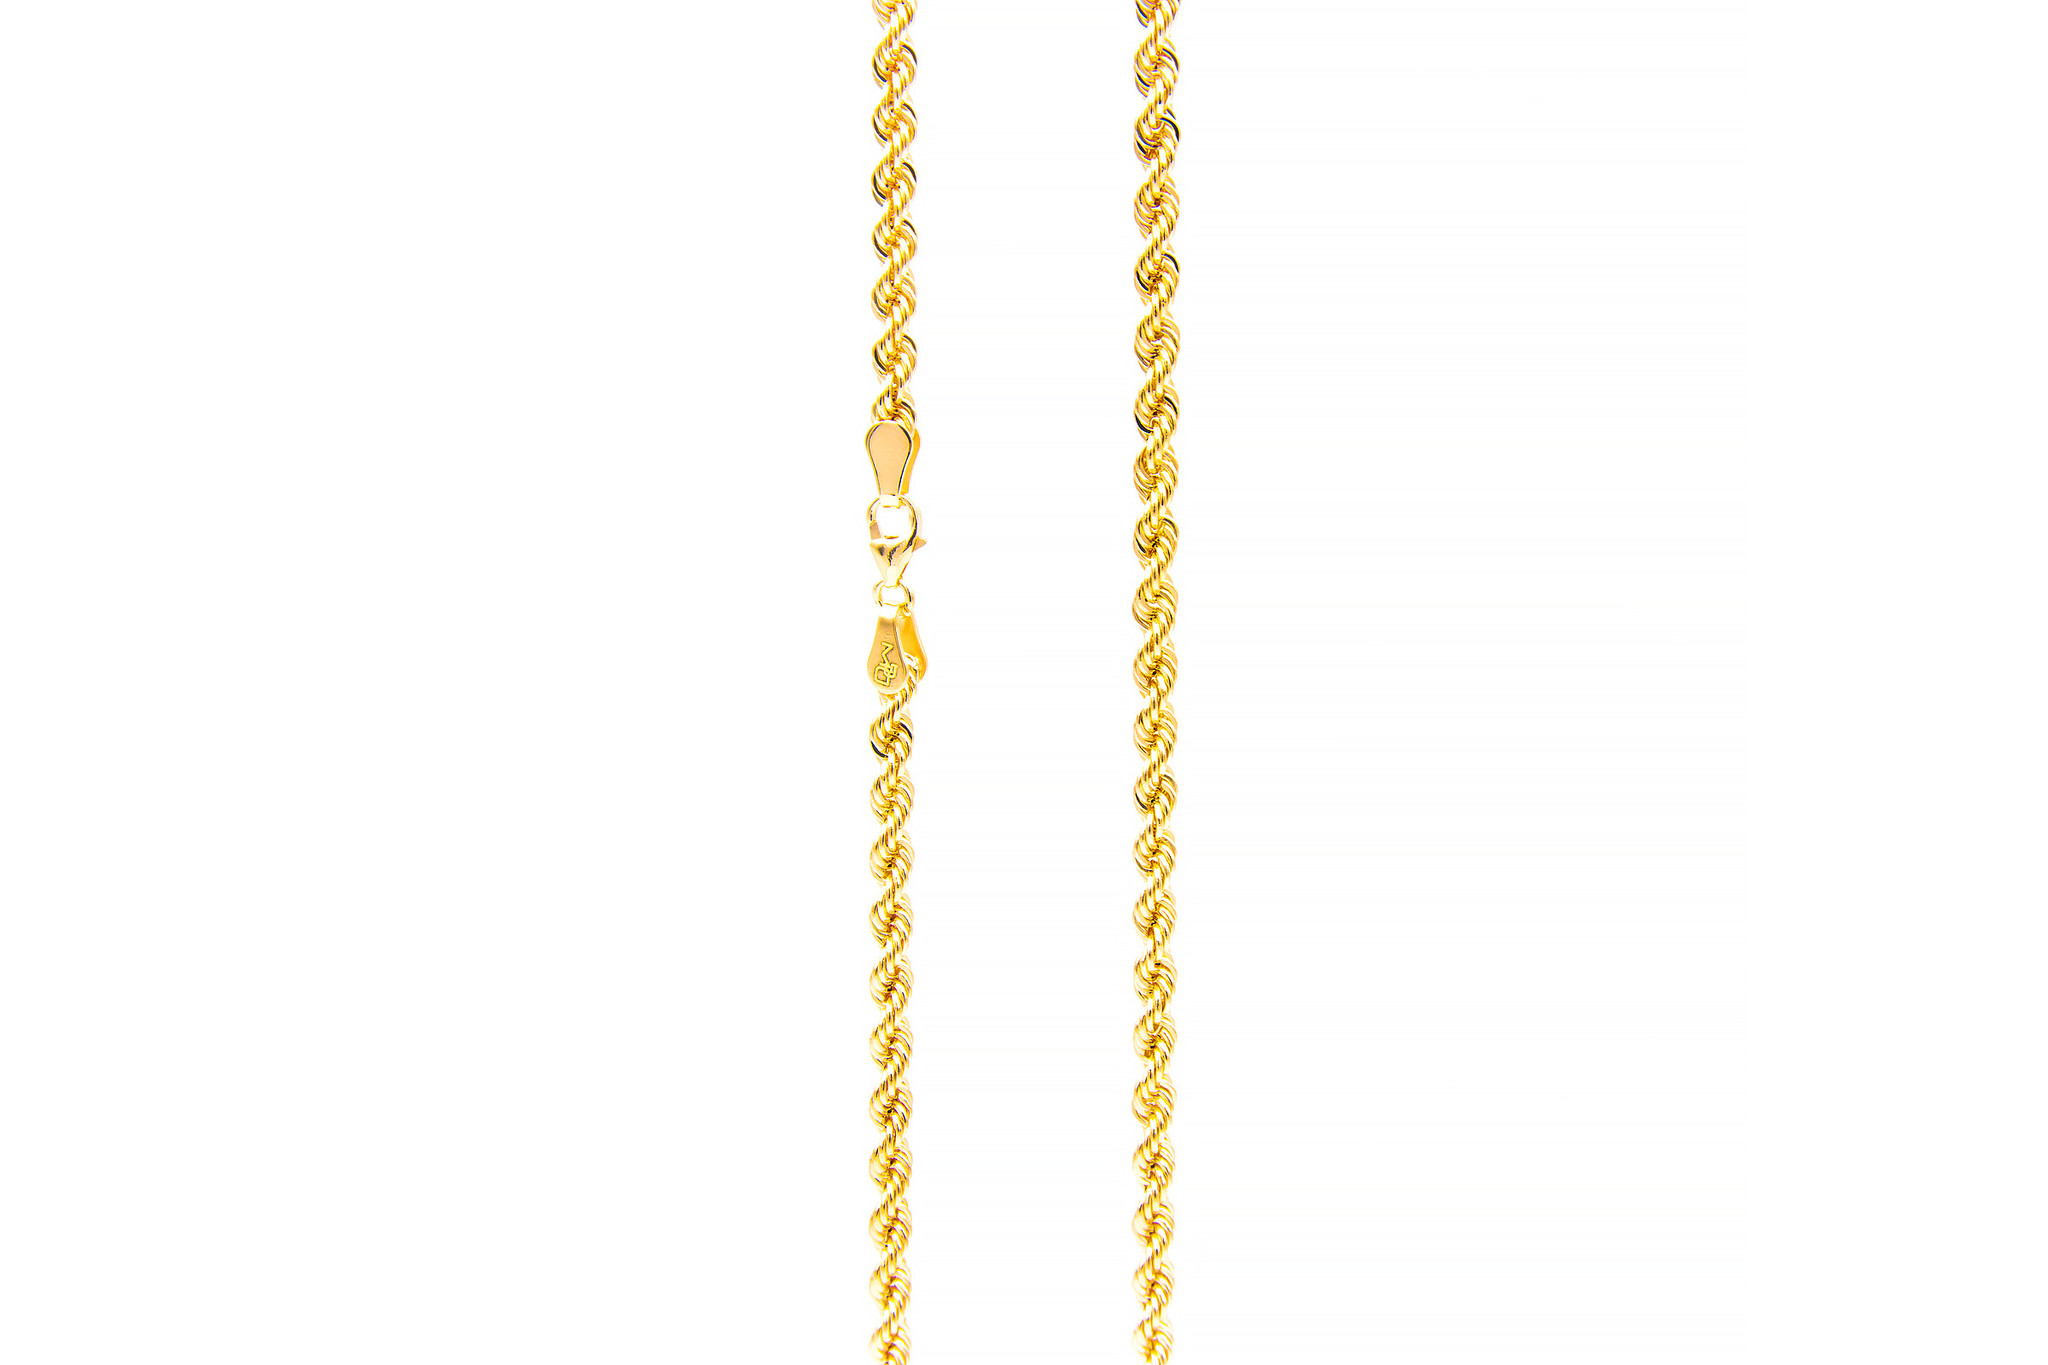 Rope chain roségoud 14kt 3mm-7